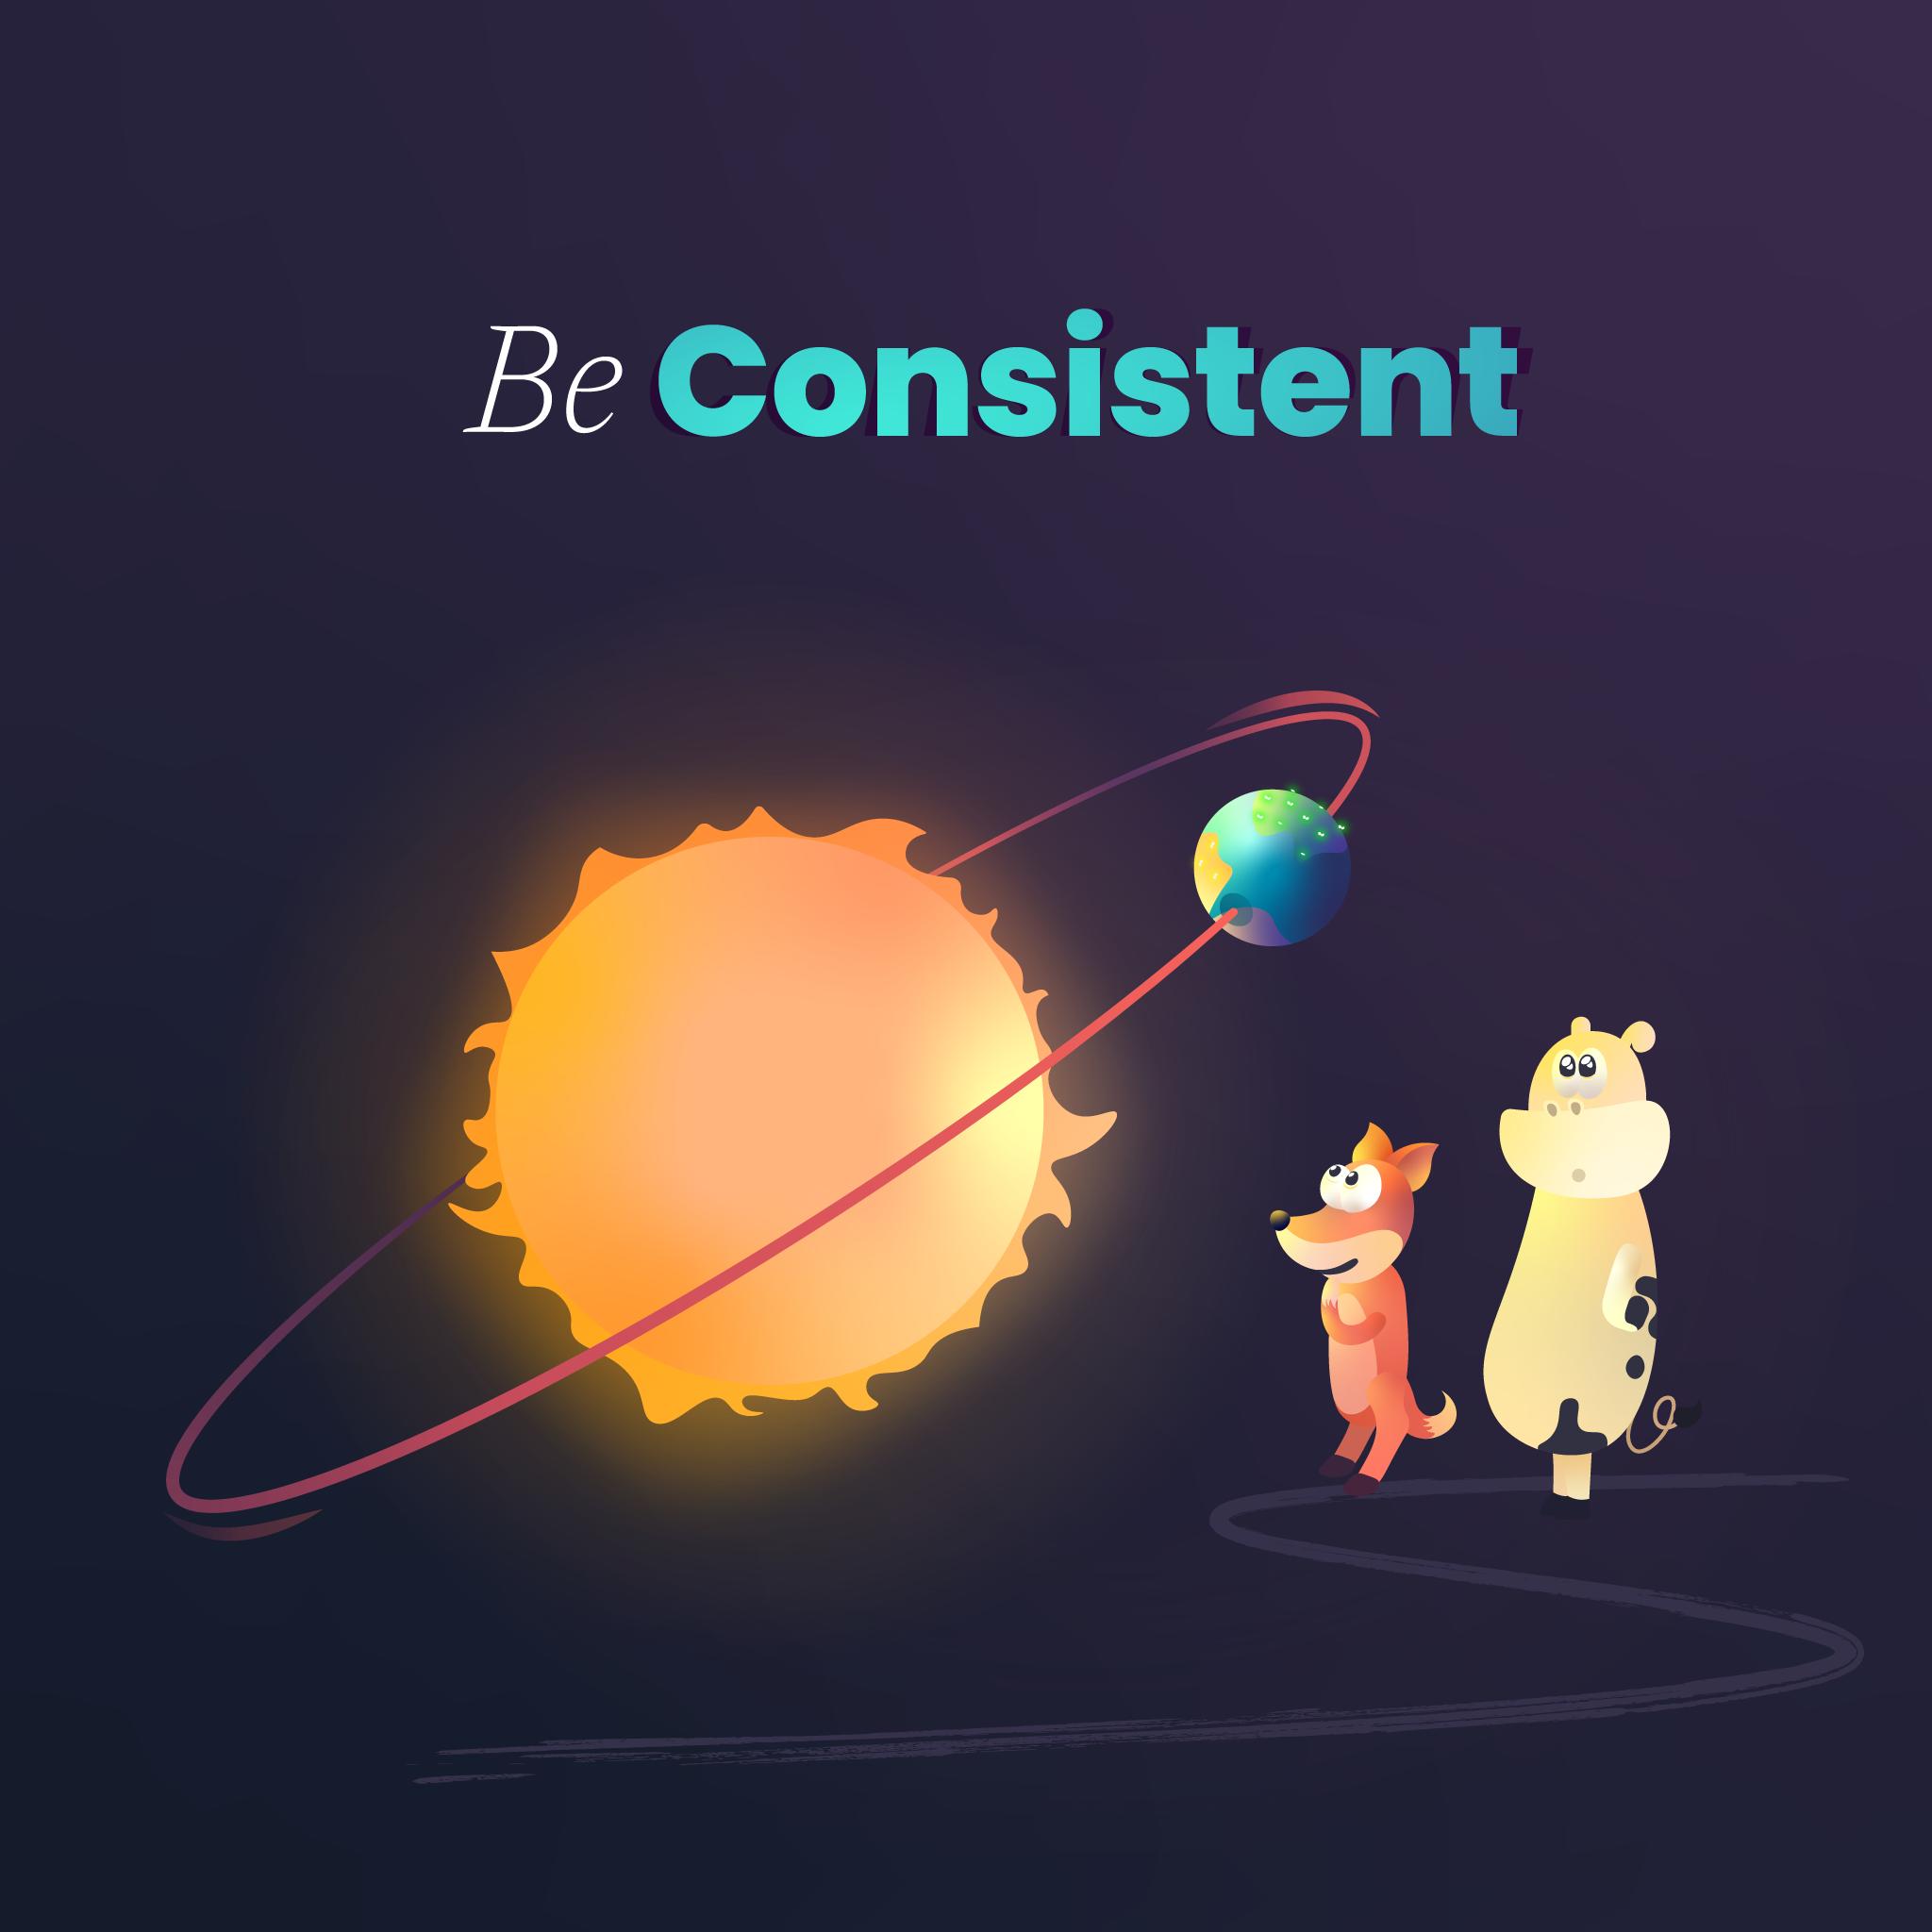 7 design principles consistency